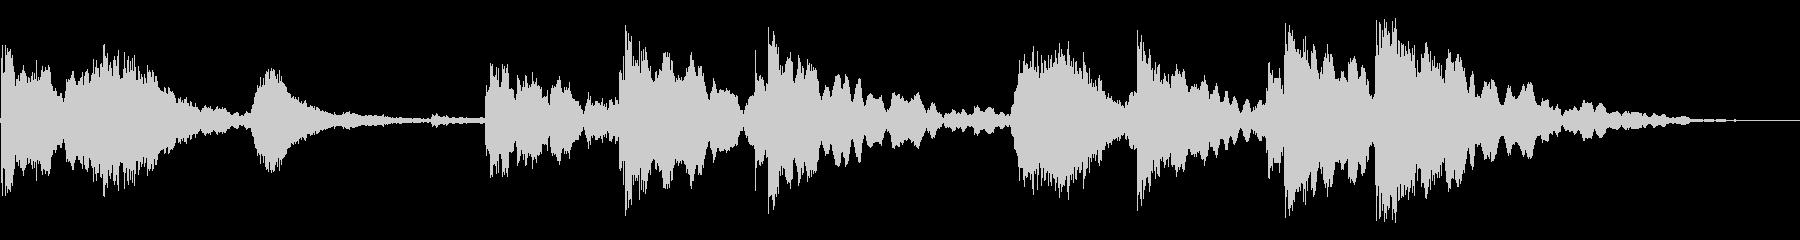 残響ヒンジのキーキーとラッチヒットの未再生の波形